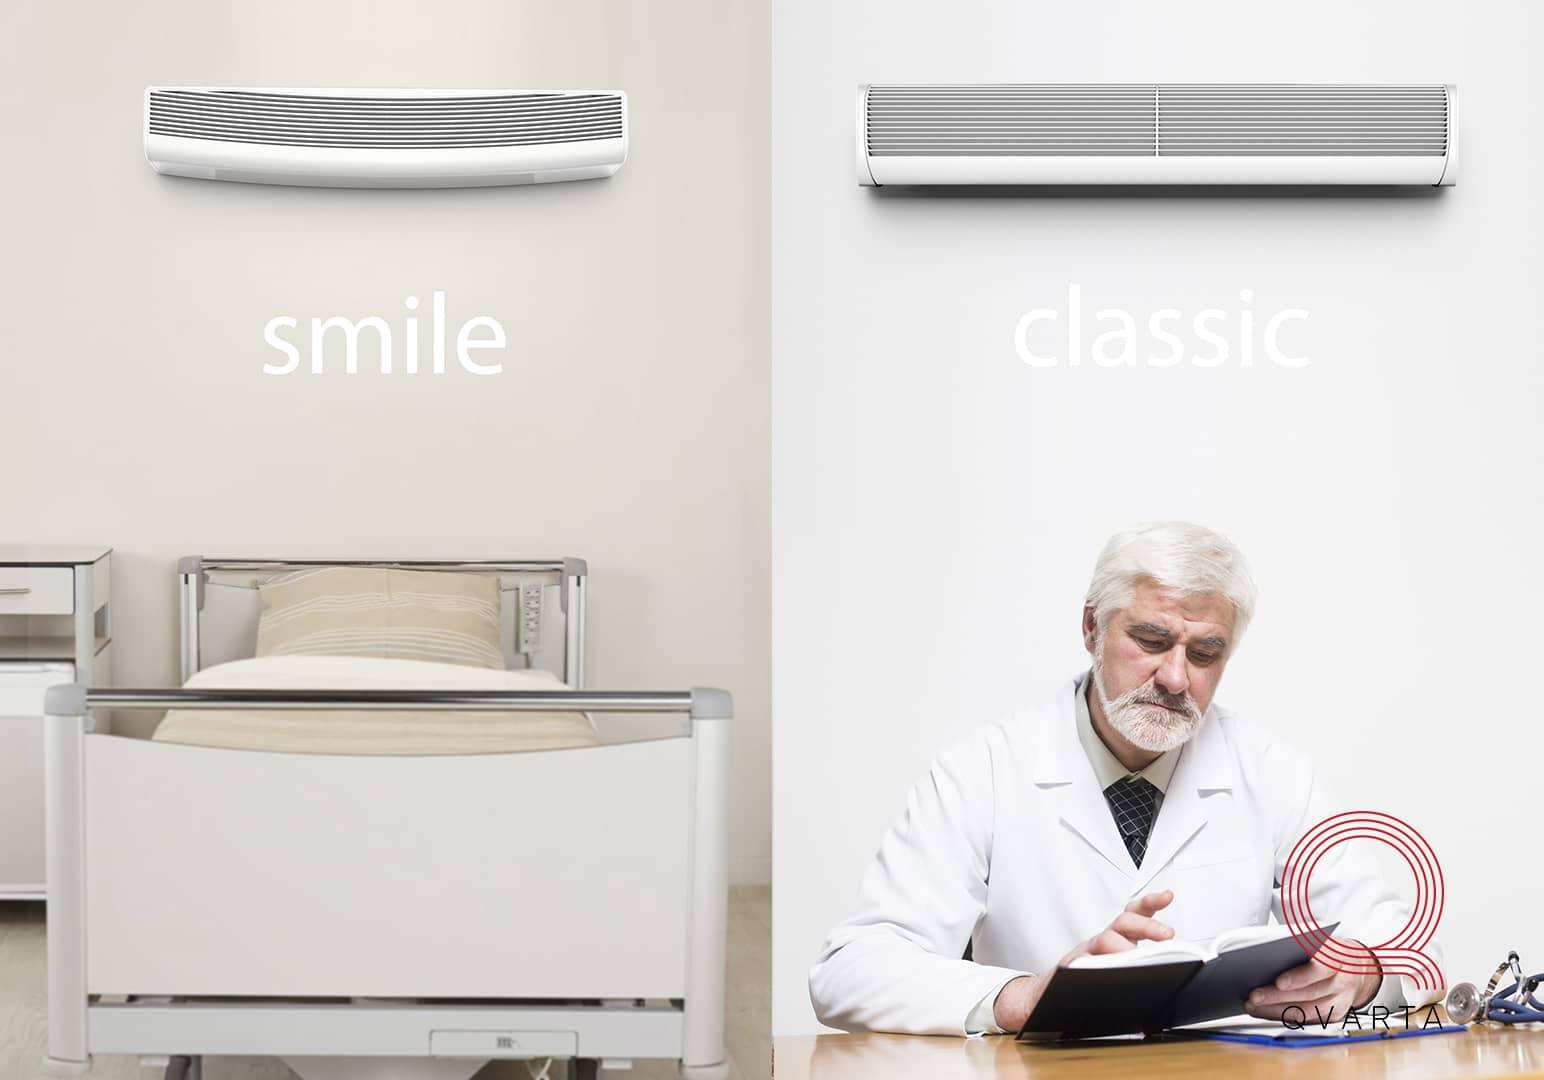 Примеры дизайна УФ ламп Smile и классической форм.